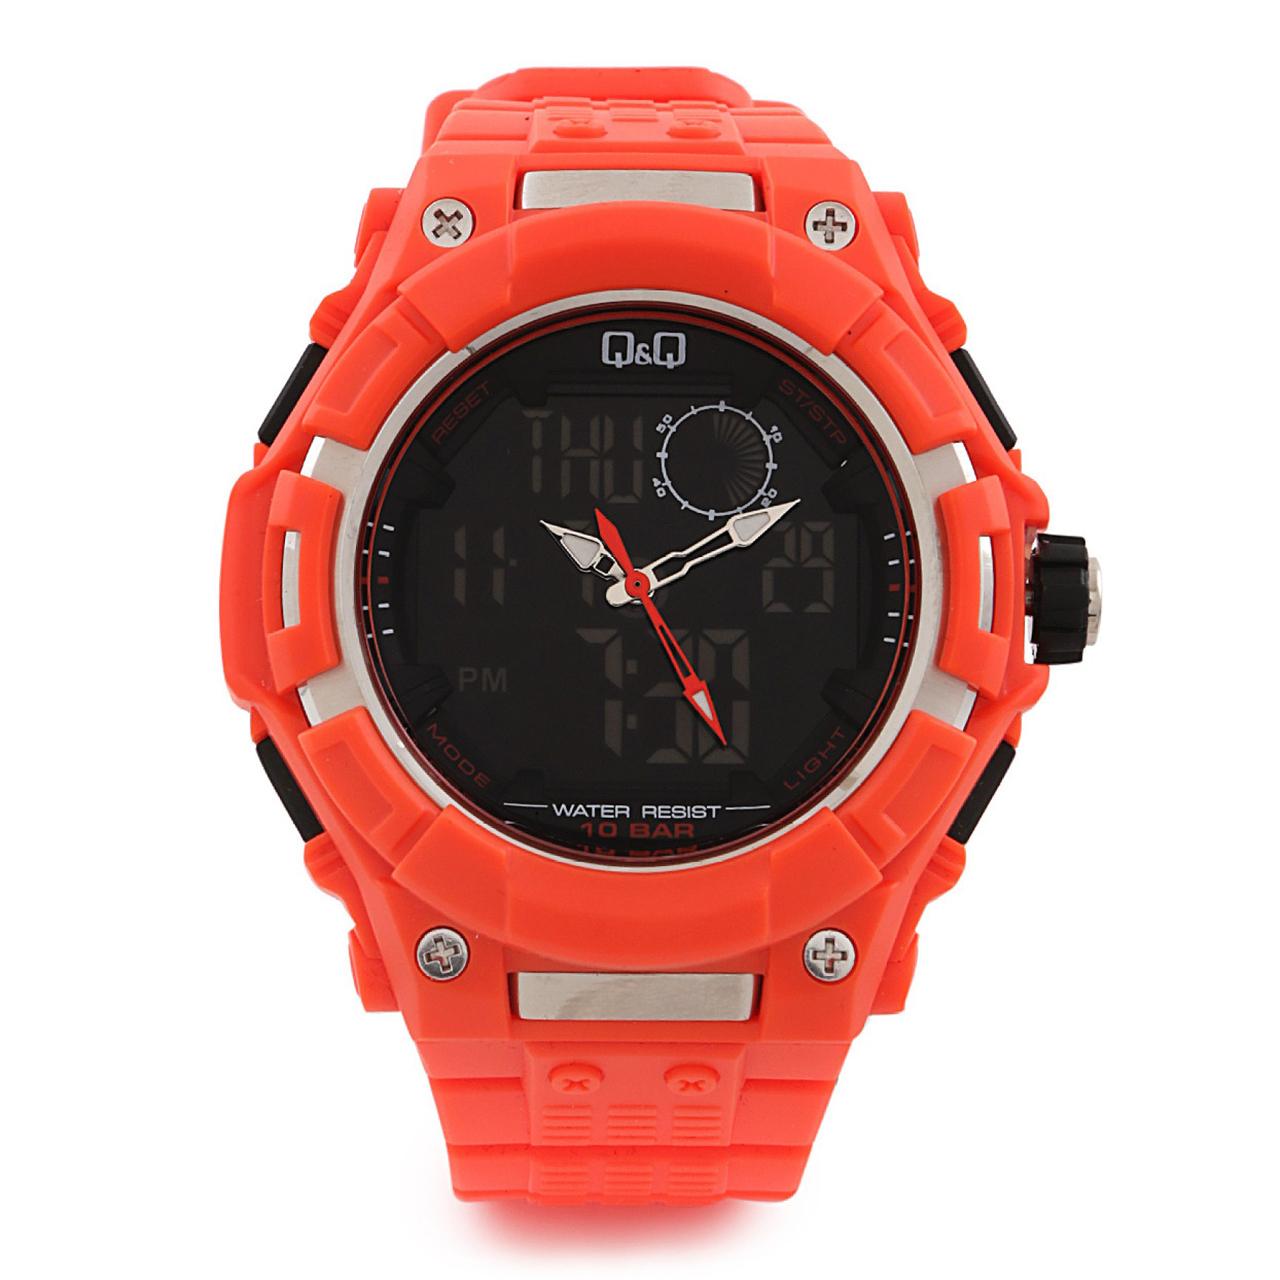 ساعت مچی عقربه ای کیو اند کیو مدل gw80j006y به همراه دستمال مخصوص برند کلین واچ